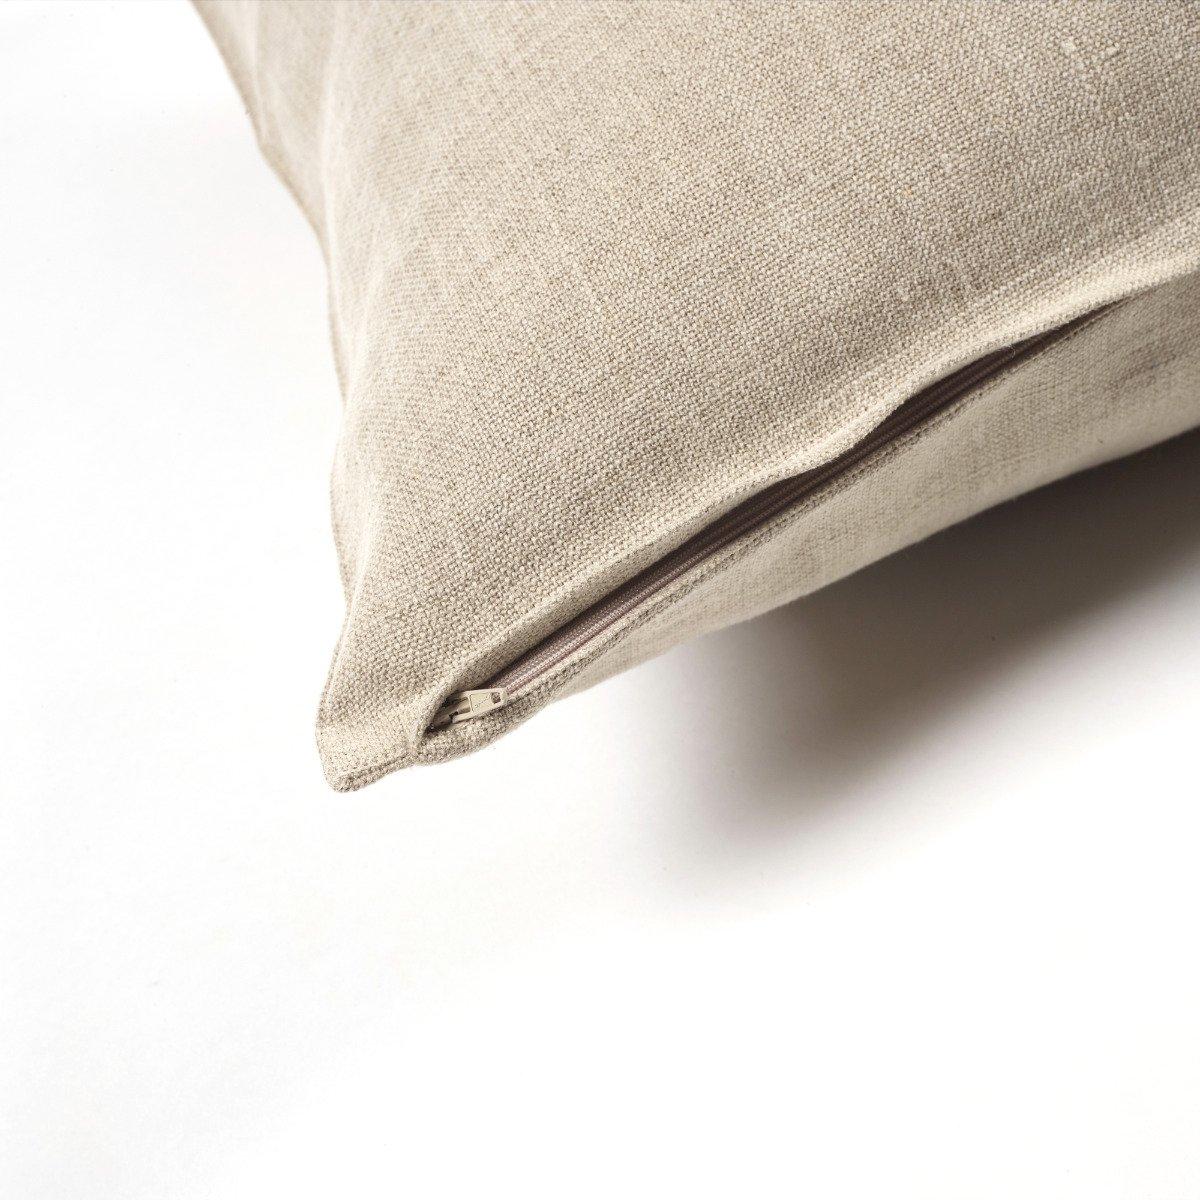 Napoli Vintage Pillow Cushion